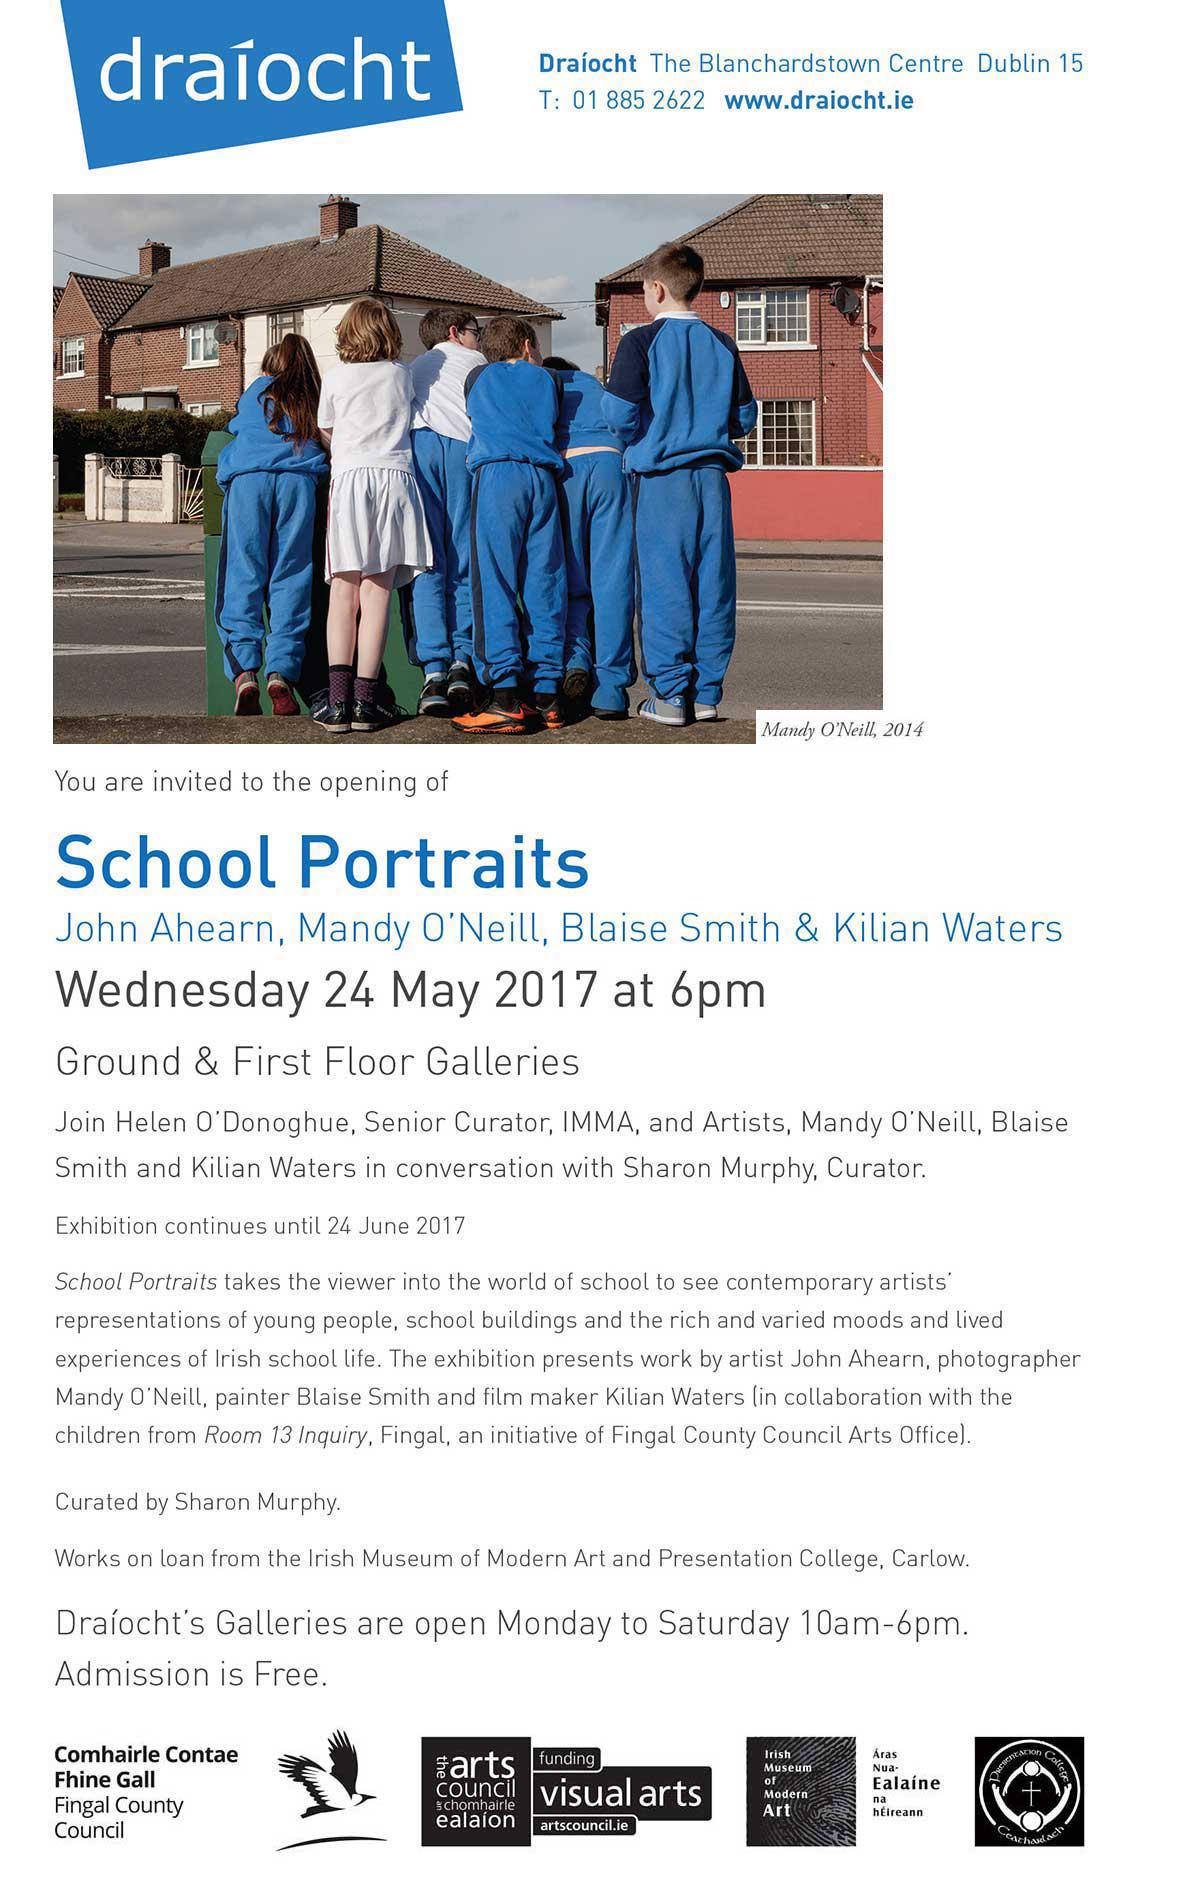 SchoolPortraitsEzine.jpg